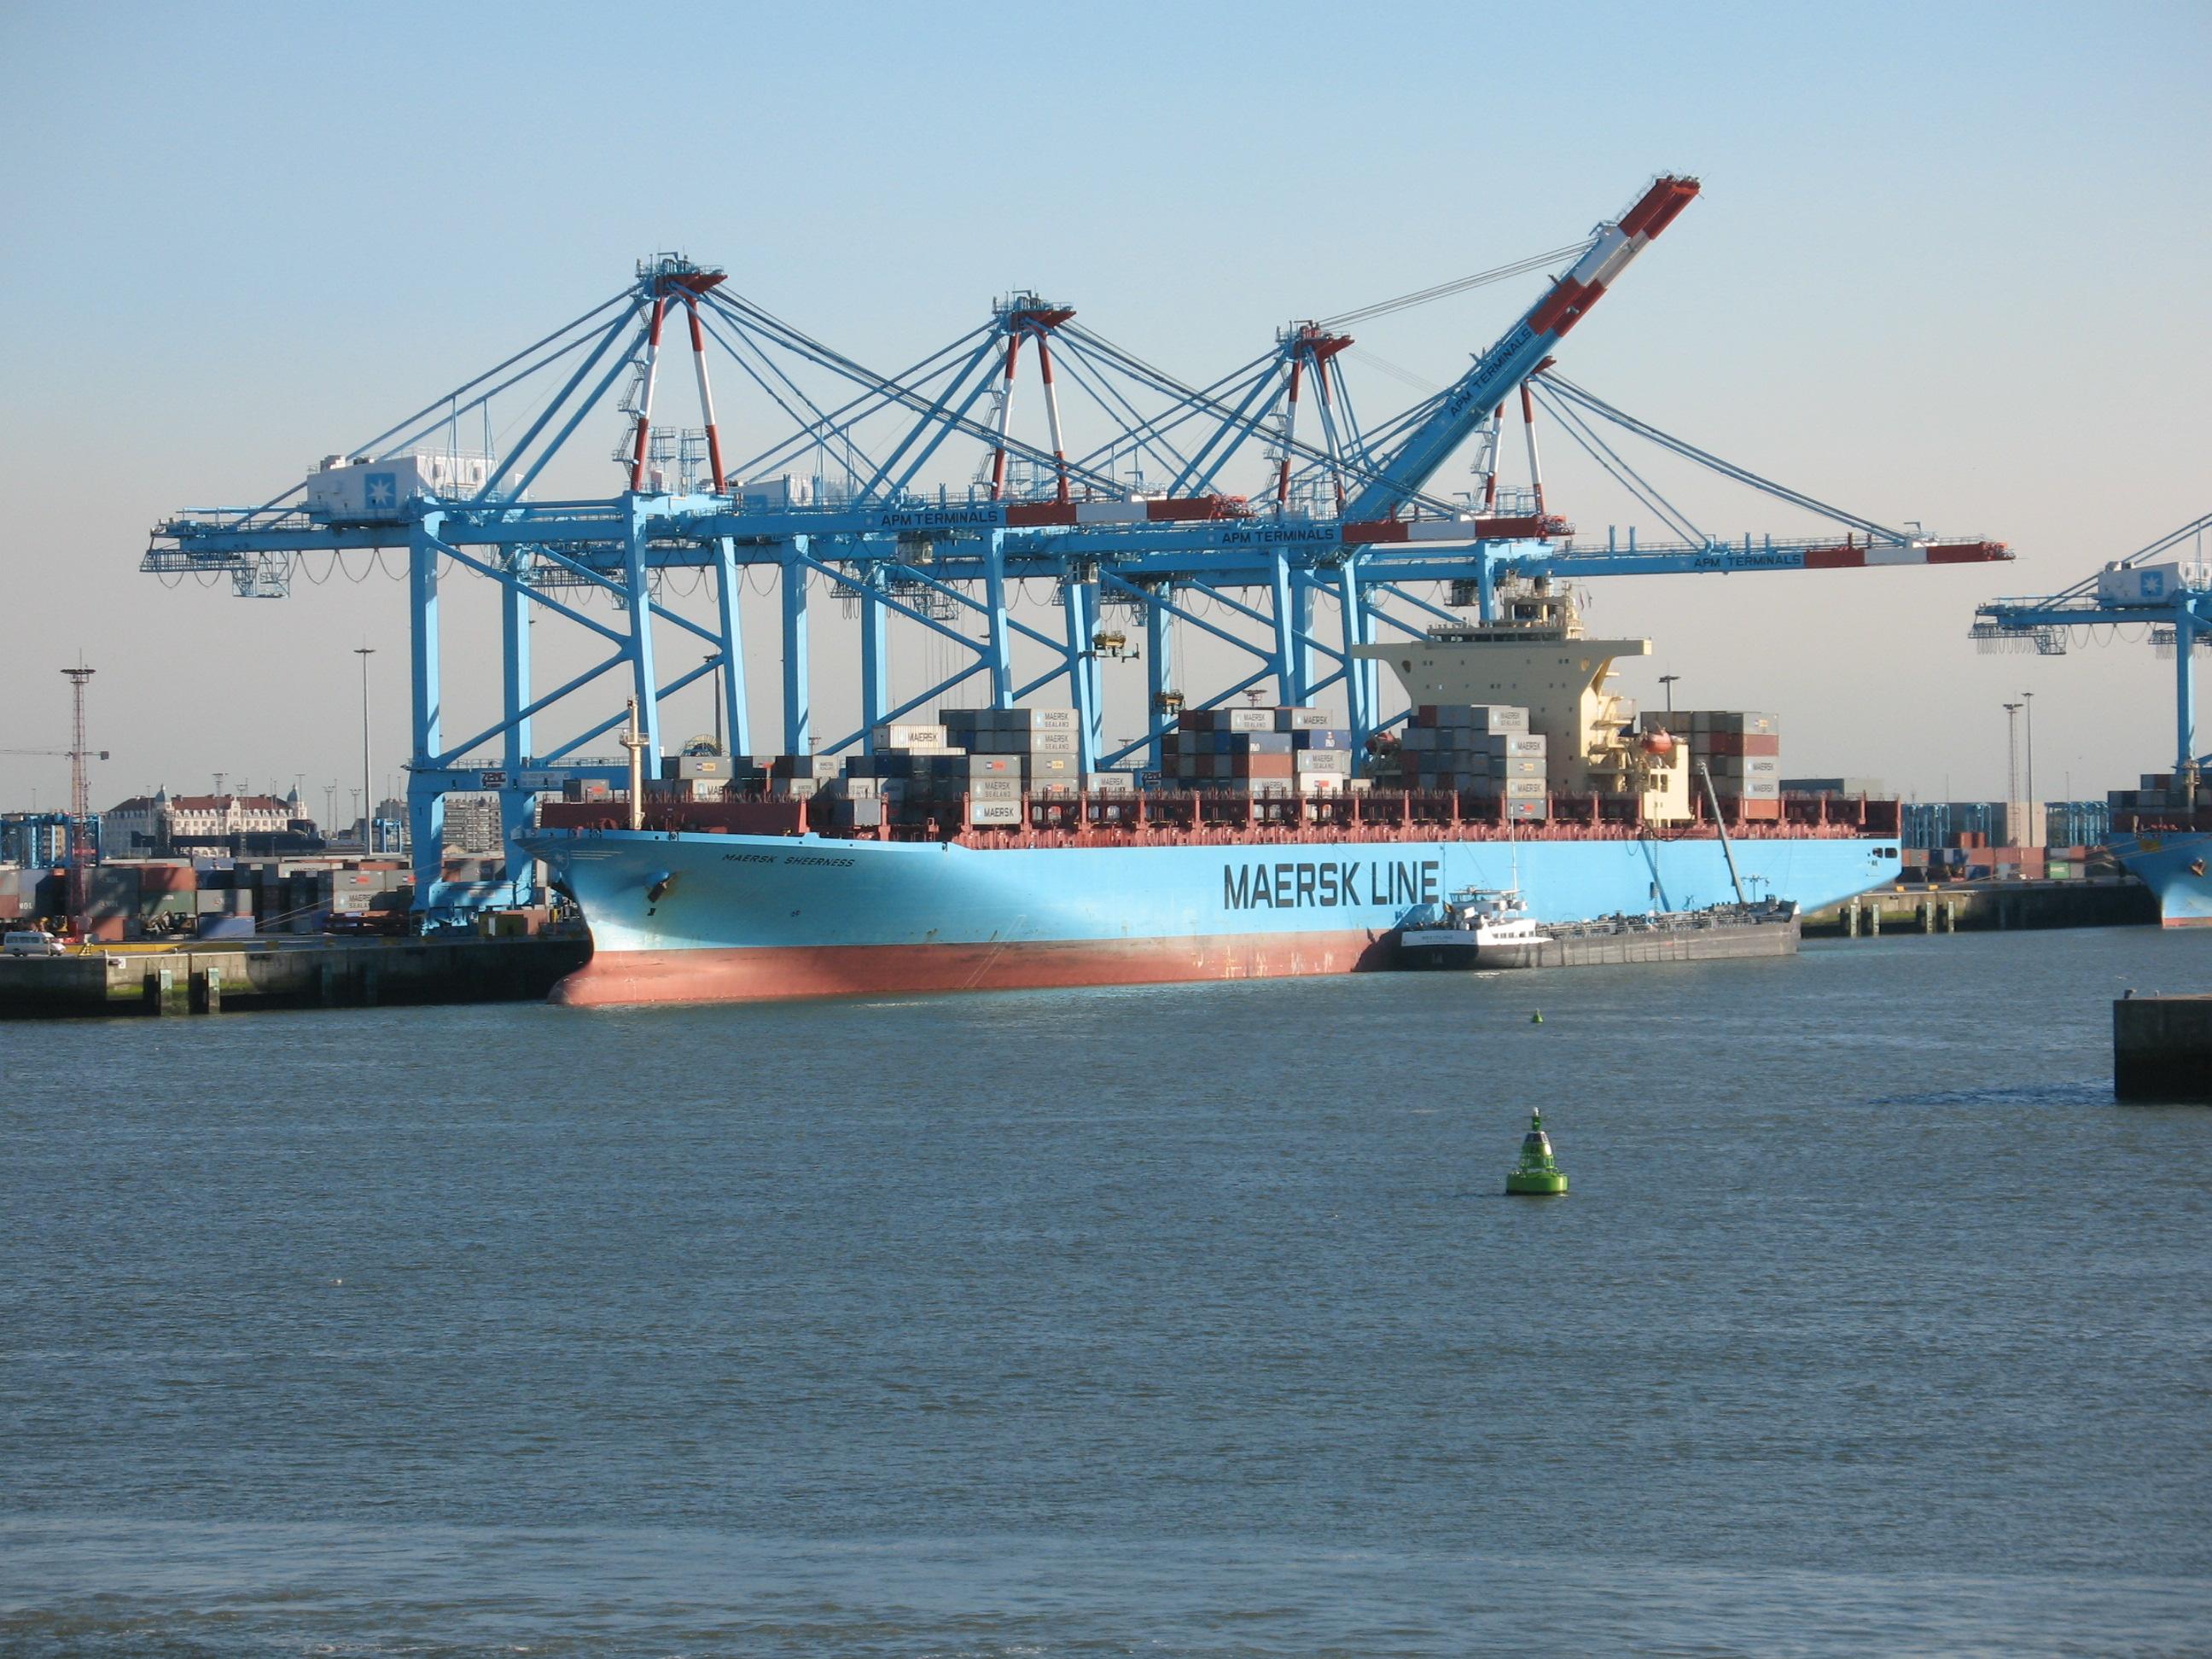 Port_cranes_at_Zeebr%C3%BCgge%2C_Belgium_2.JPG